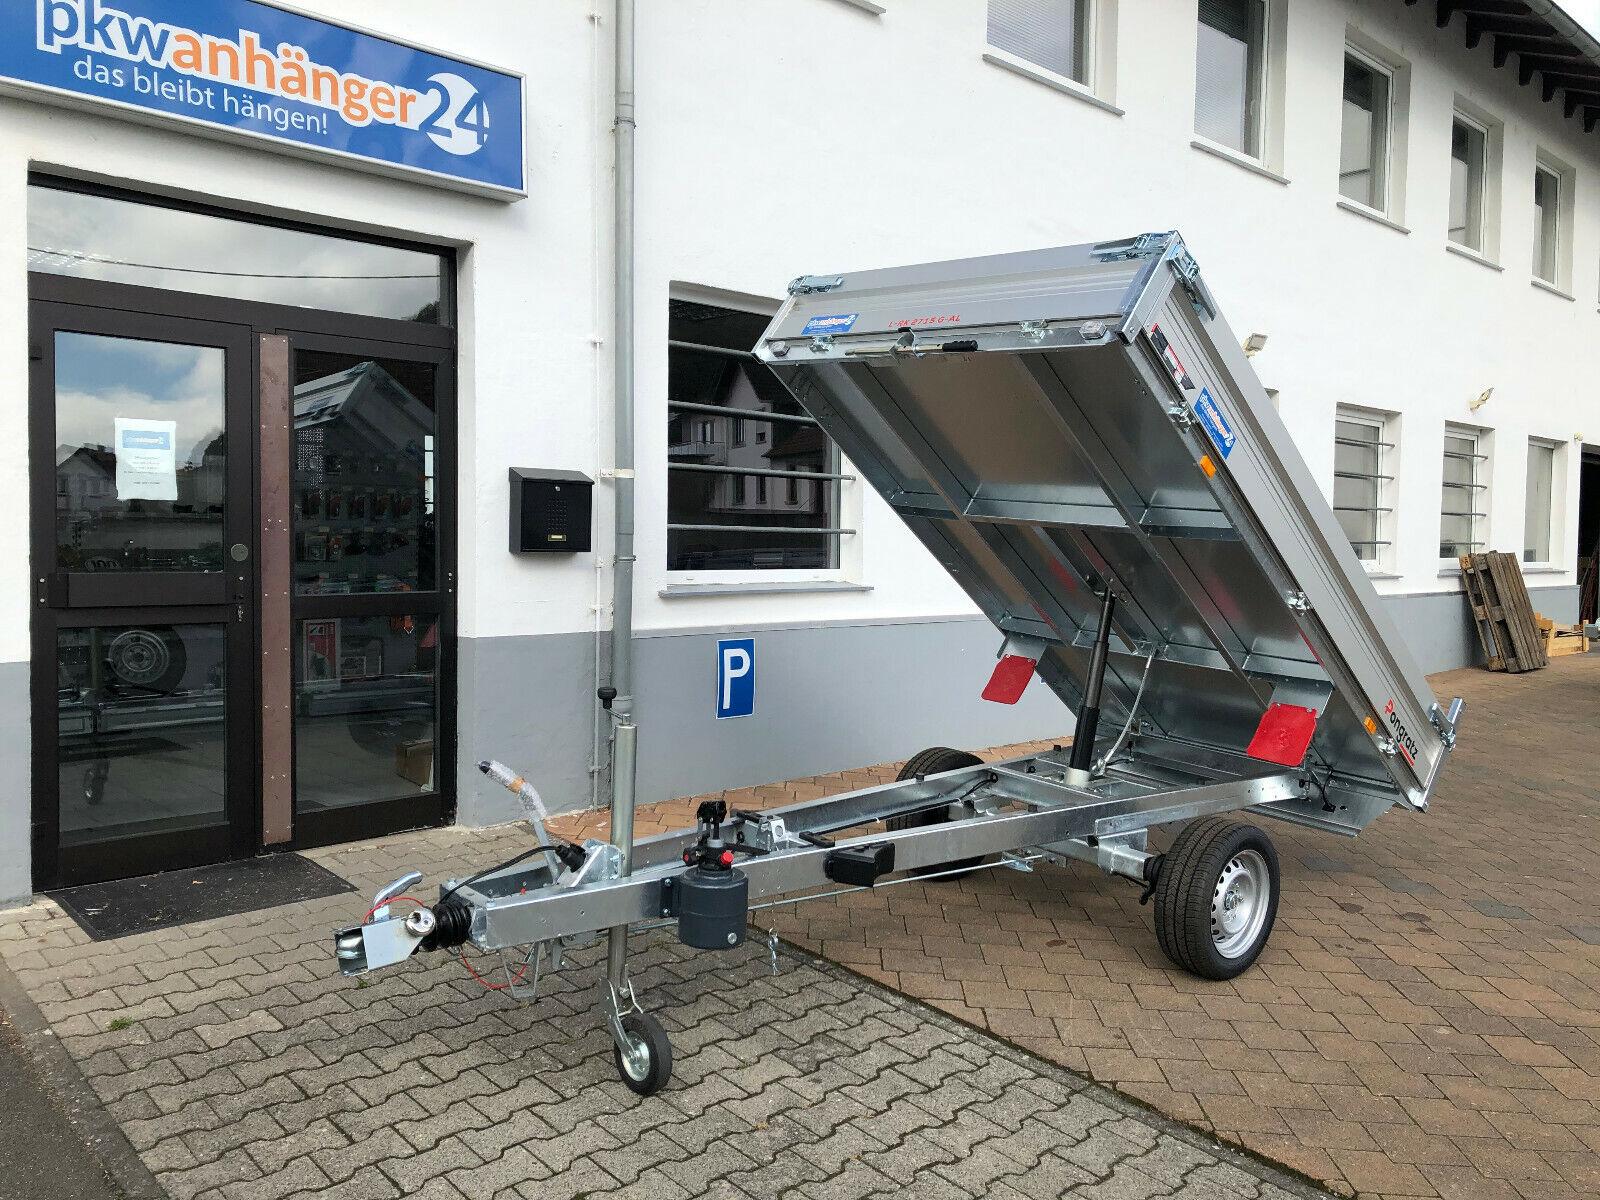 NEU Pongratz Anhänger LRK2715 Kipper Rückwärtskipper Alu 267x151 15001800kg